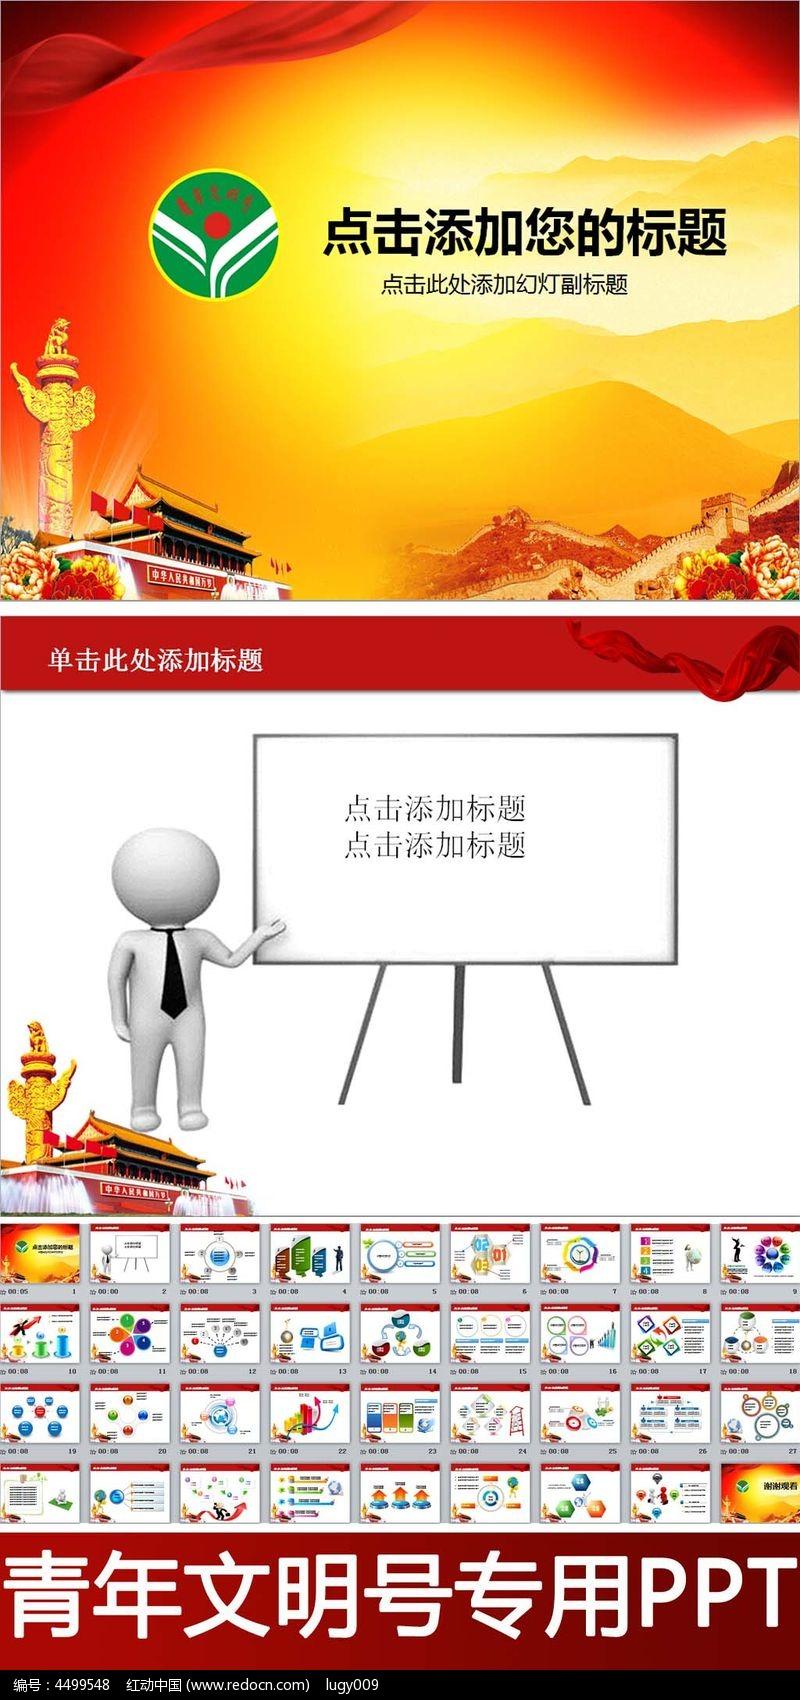 原创设计稿 ppt模板/ppt背景图片 政府党建ppt 共青团青年文明号ppt